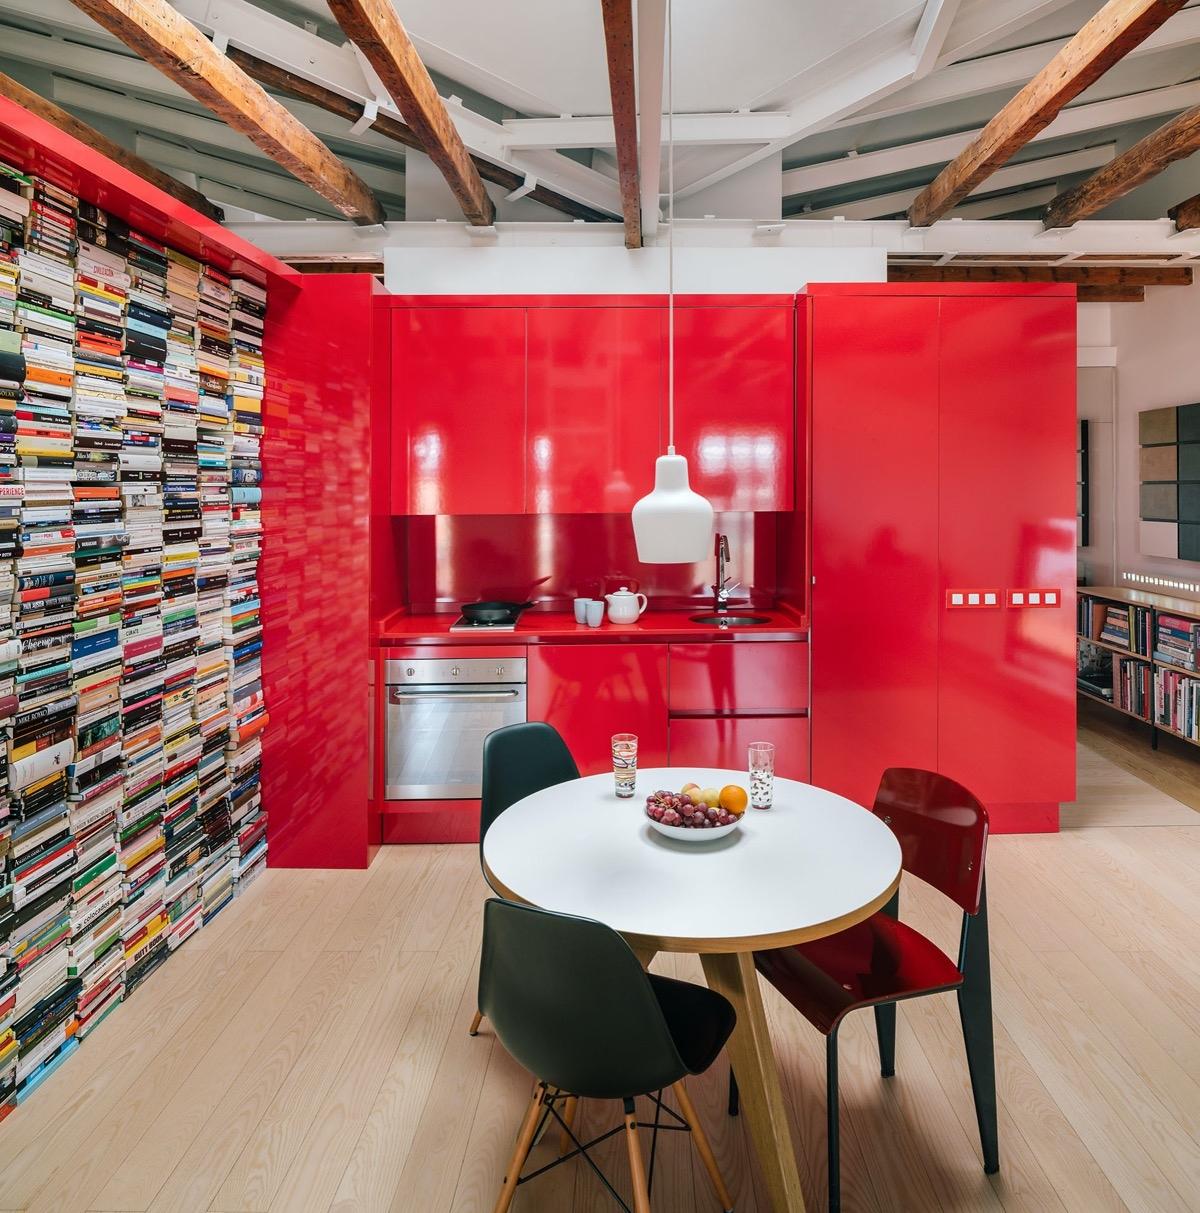 Căm bếp của người yêu sách.